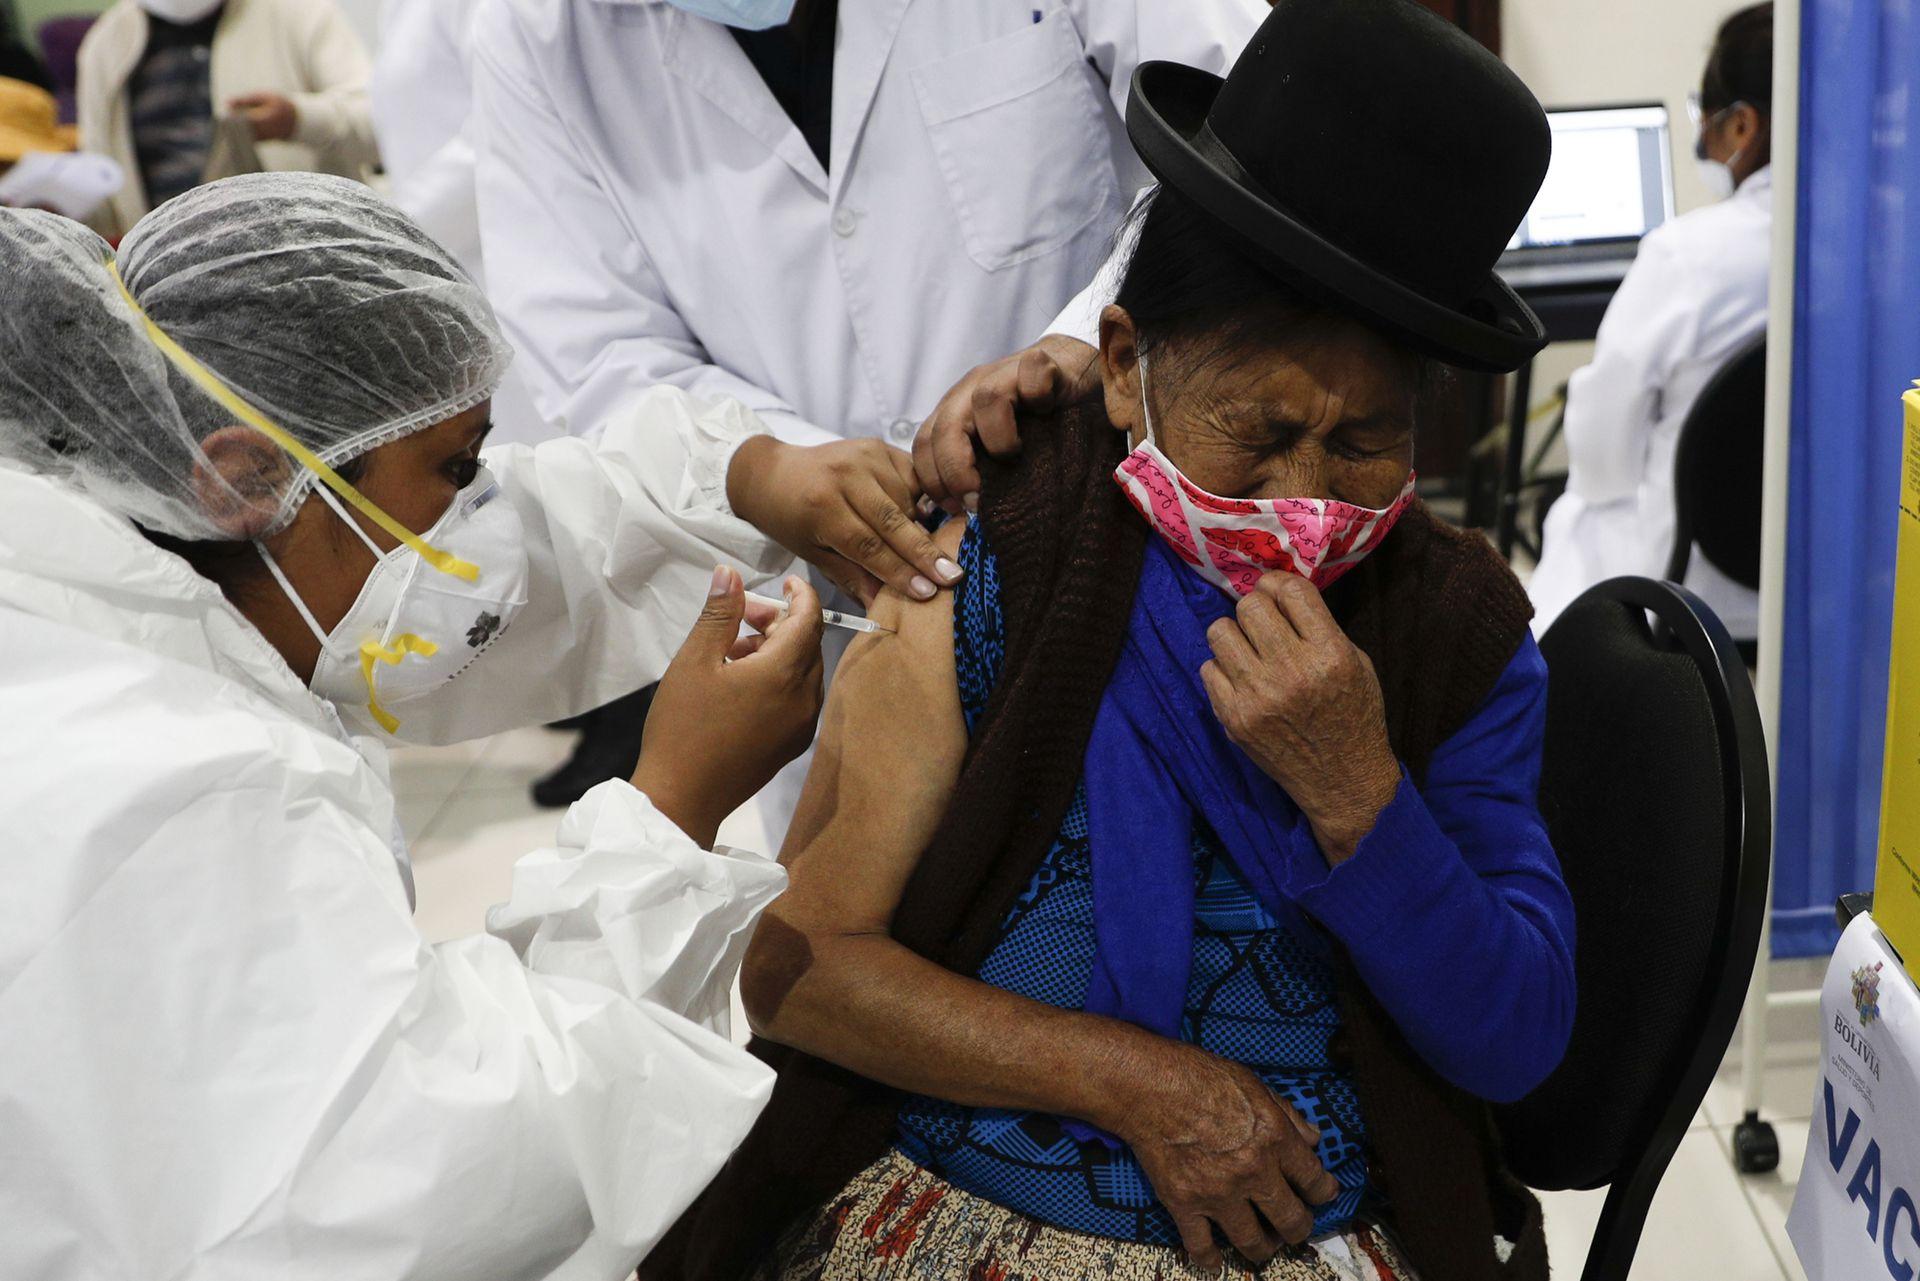 BOLIVIA: Una mujer recibe la vacuna Sinopharm COVID-19 durante el inicio del plan de vacunación para personas con problemas renales en el Recinto Ferial Chuquiago Marka en La Paz, Bolivia, el lunes 1 de marzo de 2021.